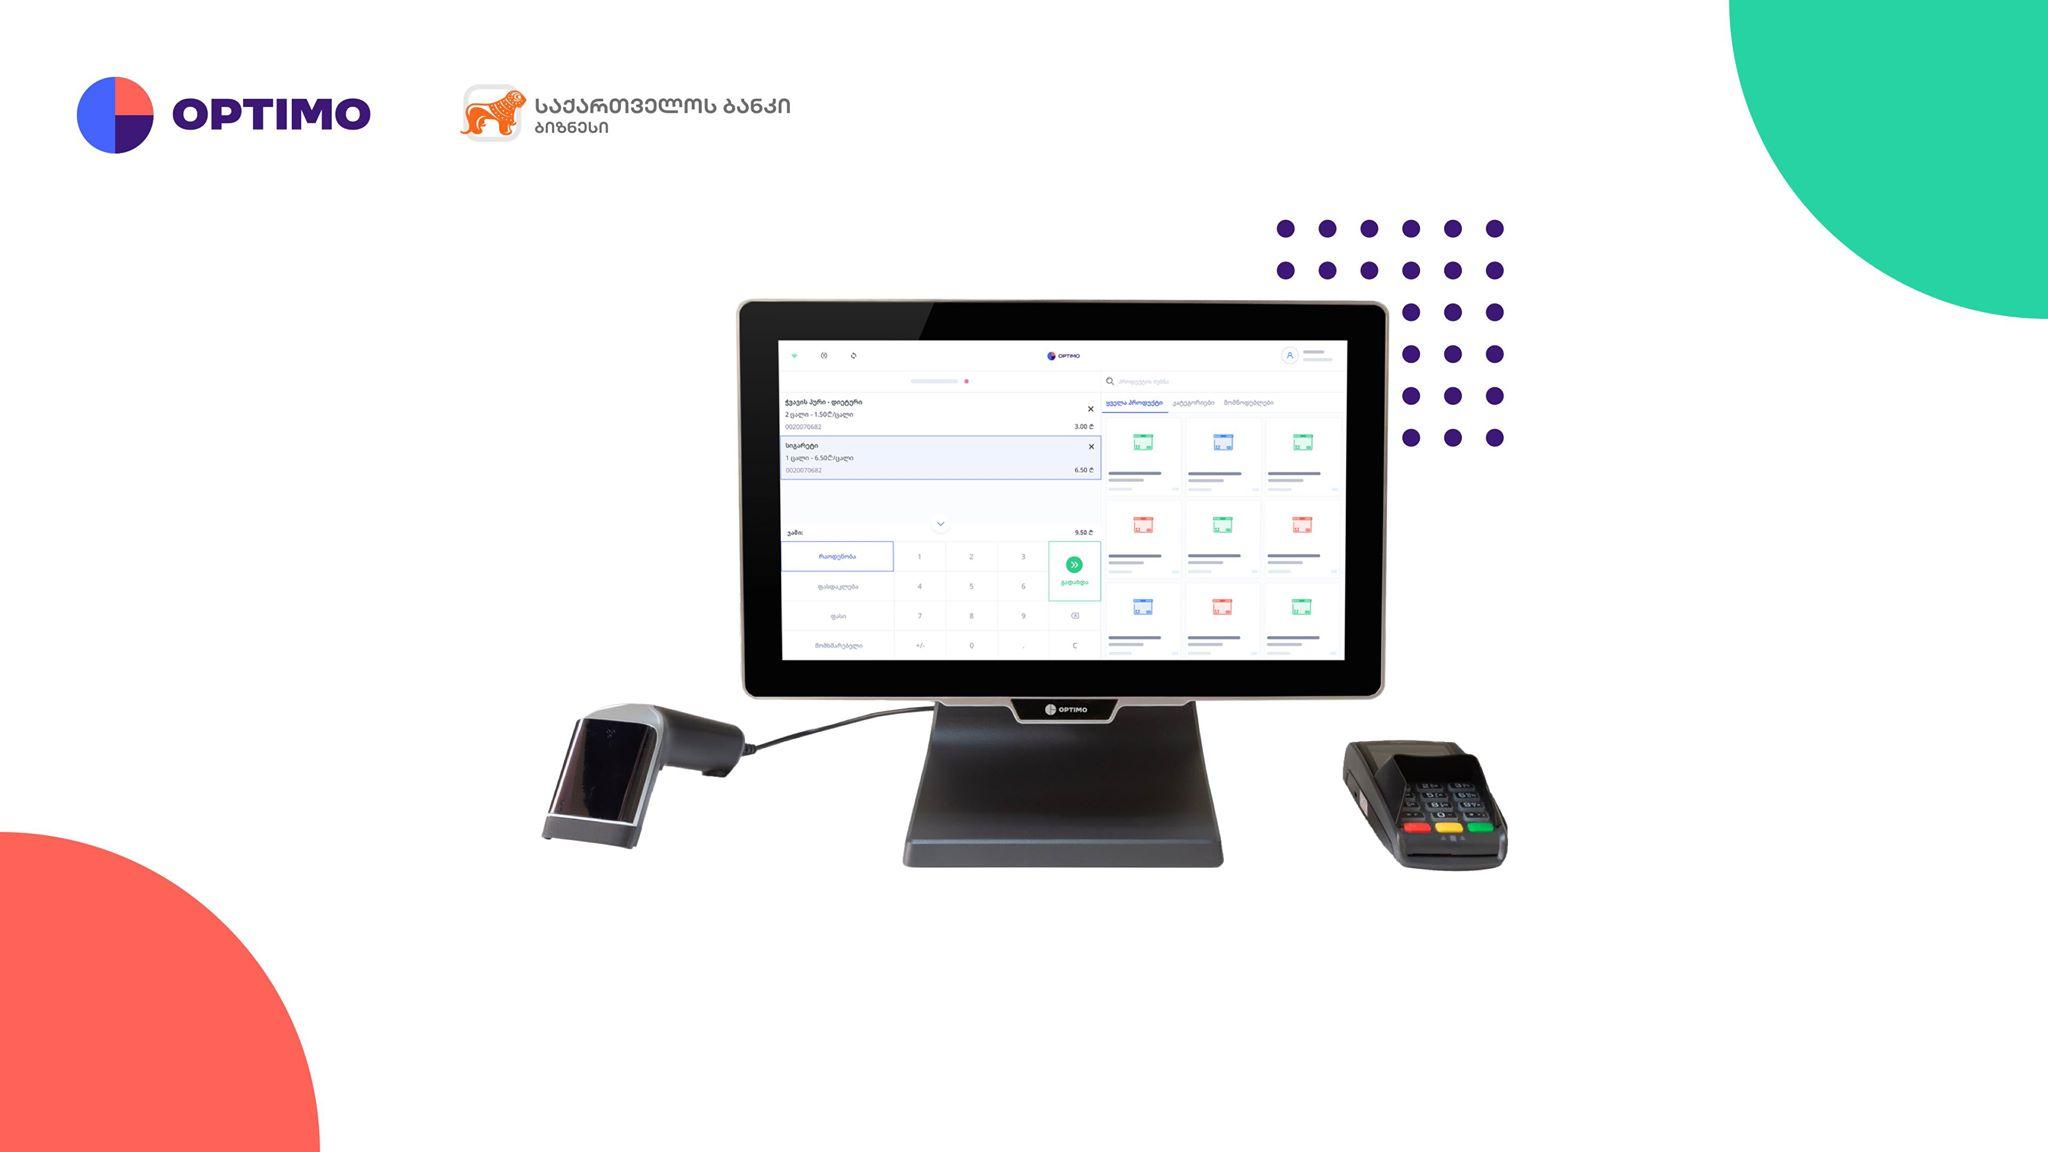 Photo of საქართველოს ბანკის მხარდაჭერით მცირე და საშუალო ბიზნესისთვის ბიზნესის მართვისა და აღრიცხვის თანამედროვე ციფრული ხელსაწყო – OPTIMO შეიქმნა